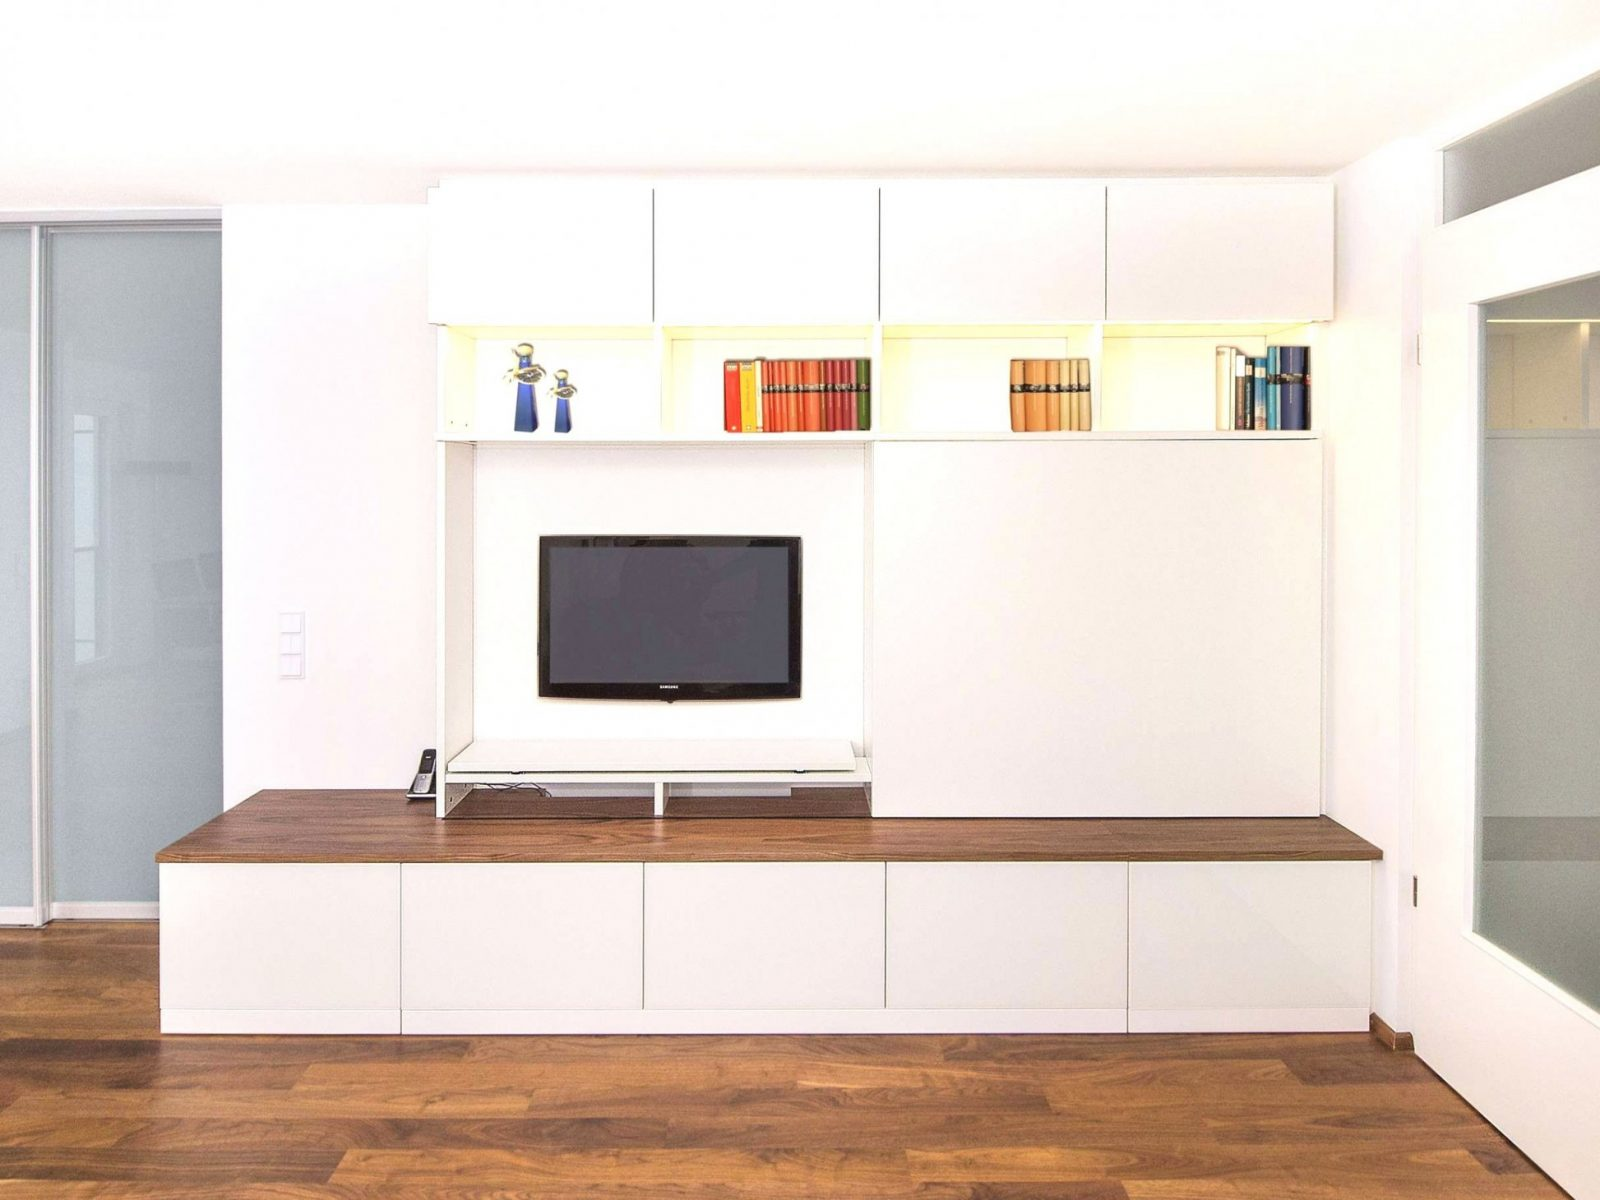 38 Genial Wohnzimmer Wohnwand Modern Galerie Ideen Wohnwand Selber von Wohnwand Selber Bauen Ideen Bild